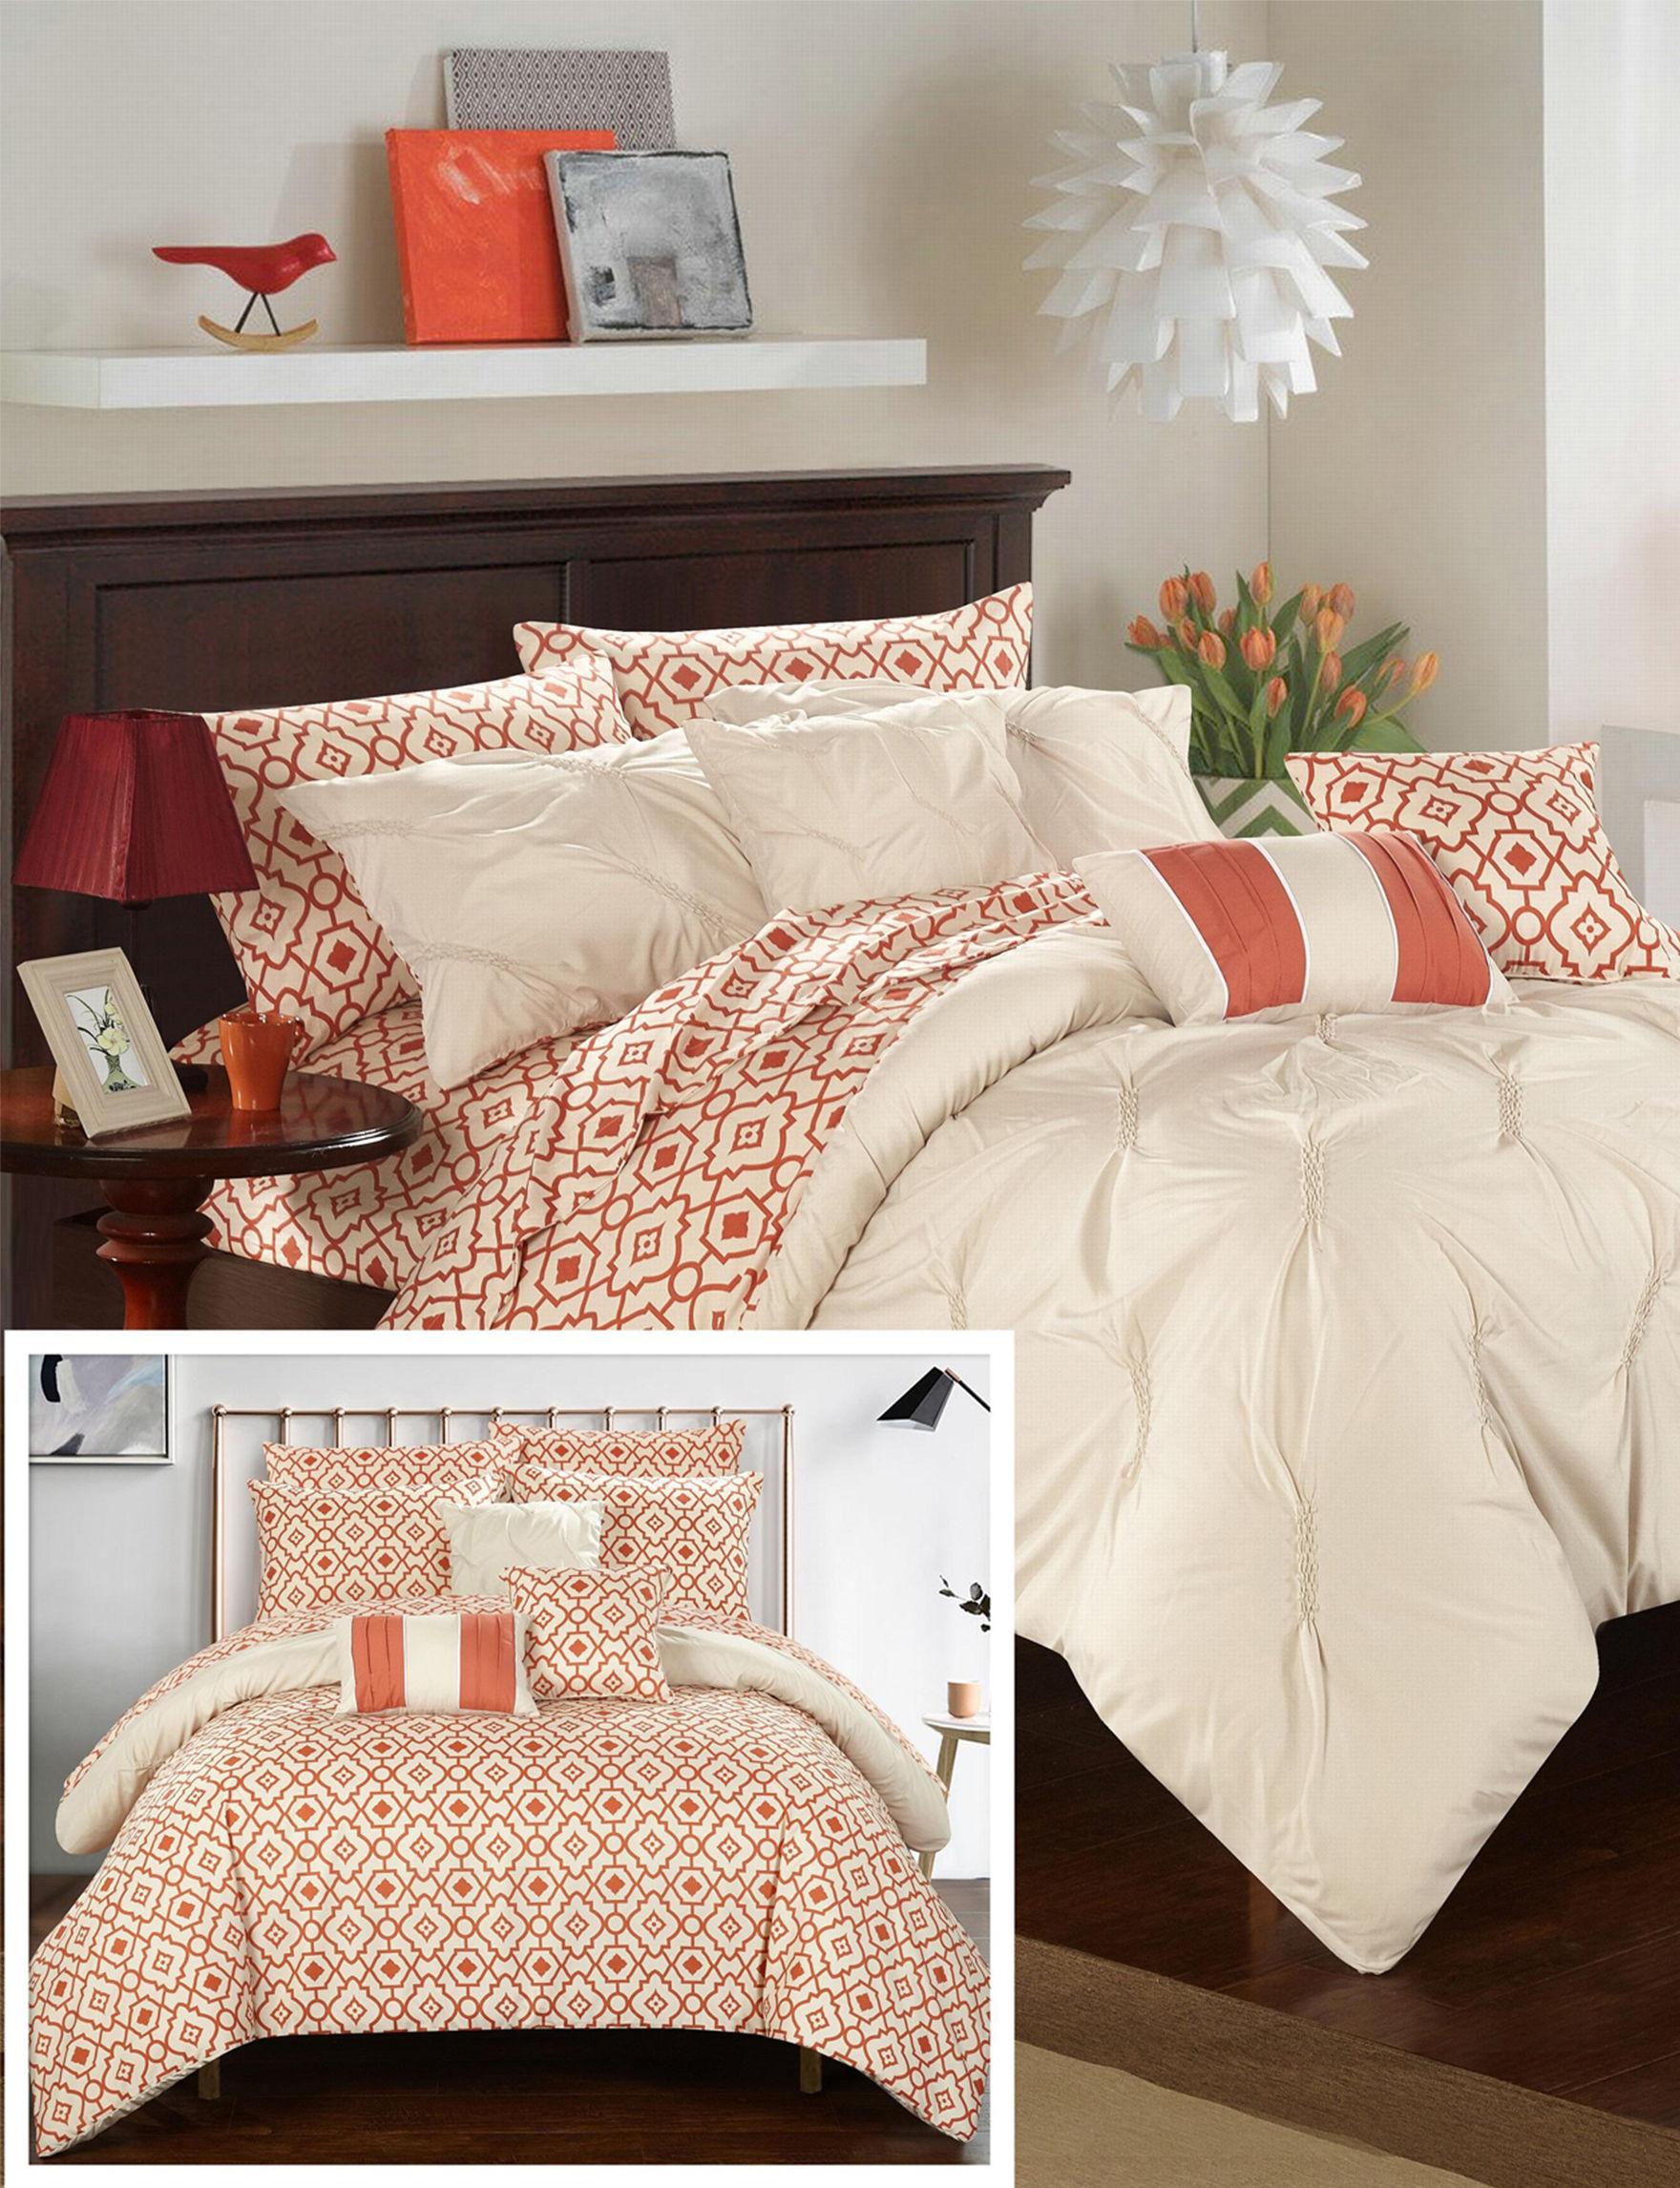 Chic Home Design Beige Comforters & Comforter Sets